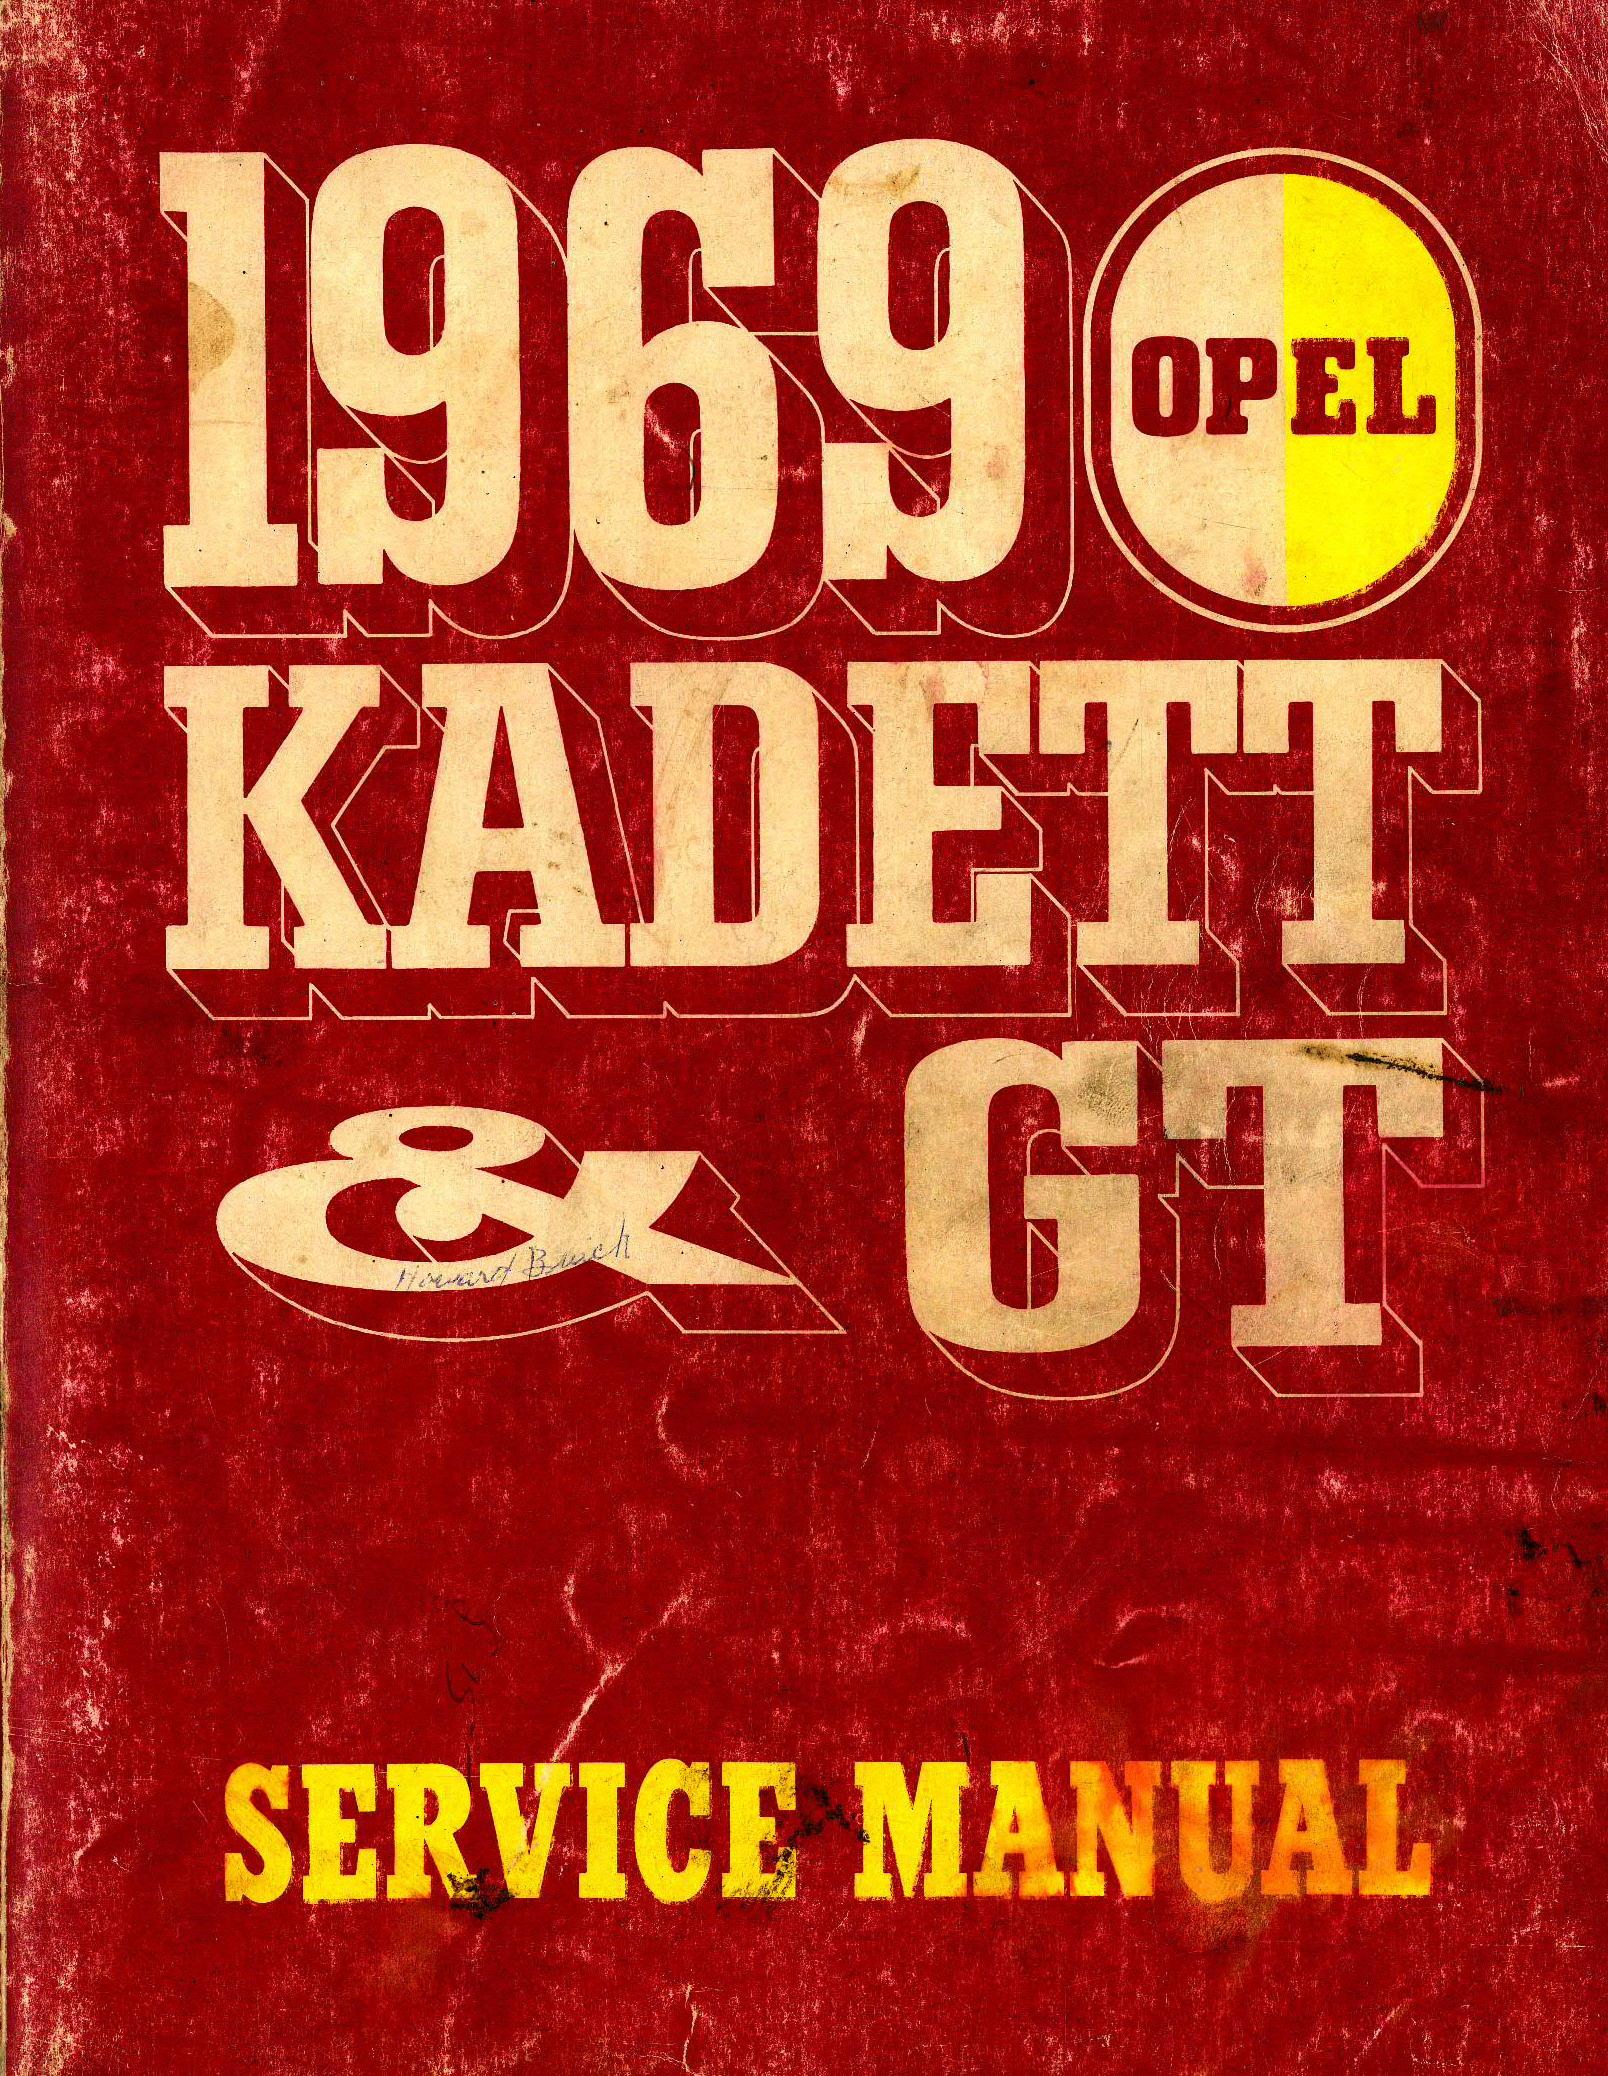 repair manual opel kadett